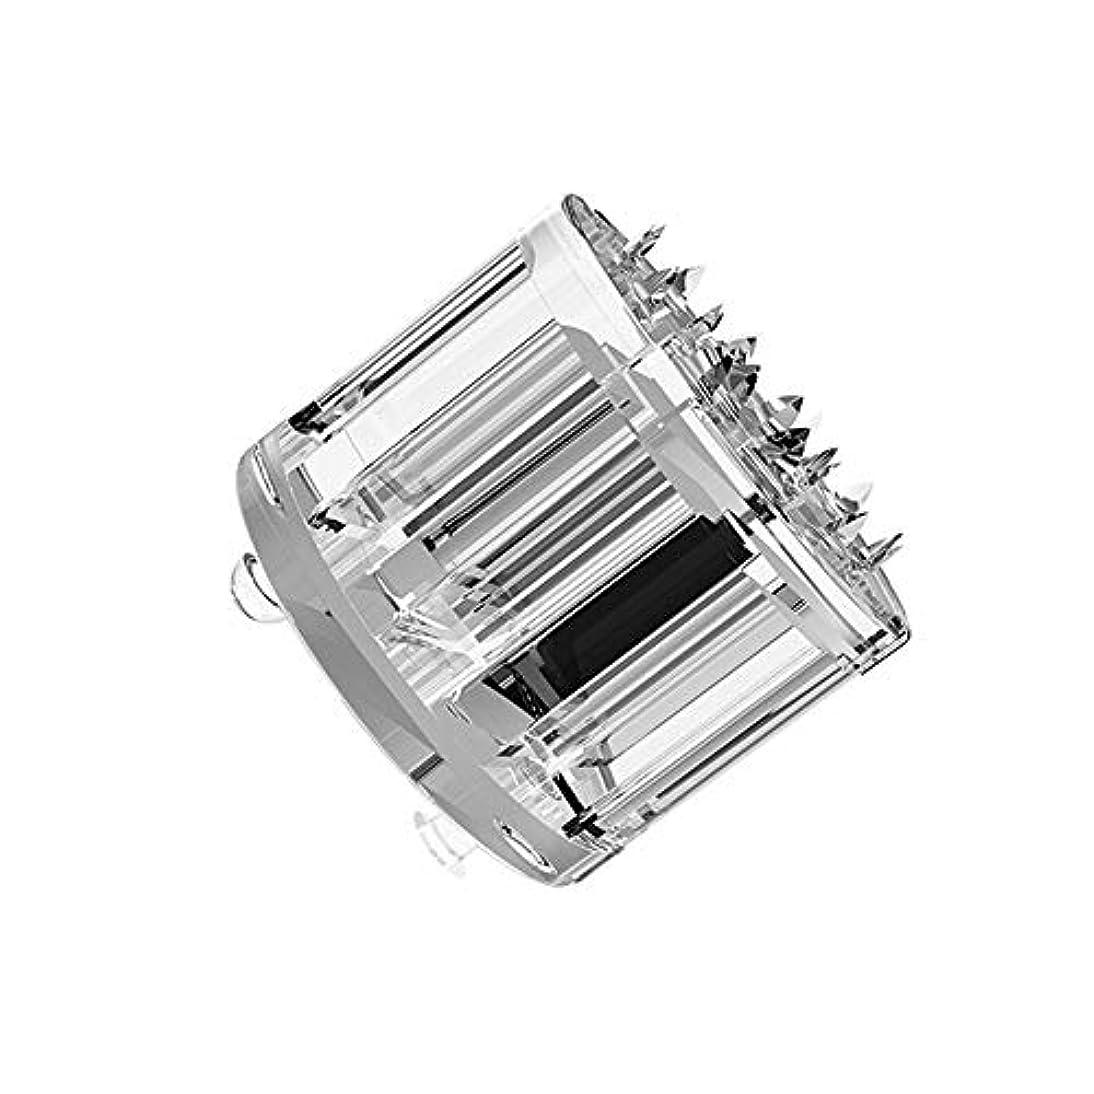 たくさんのソフィー危険を冒しますMTS Home Care Micro pin-10ea (ticktok用) ティク ホームケア マイクロピン 化粧品の浸透 コラーゲン 肌の弾力 アップ マイクロピン 毛穴や小じわ 角質ケア